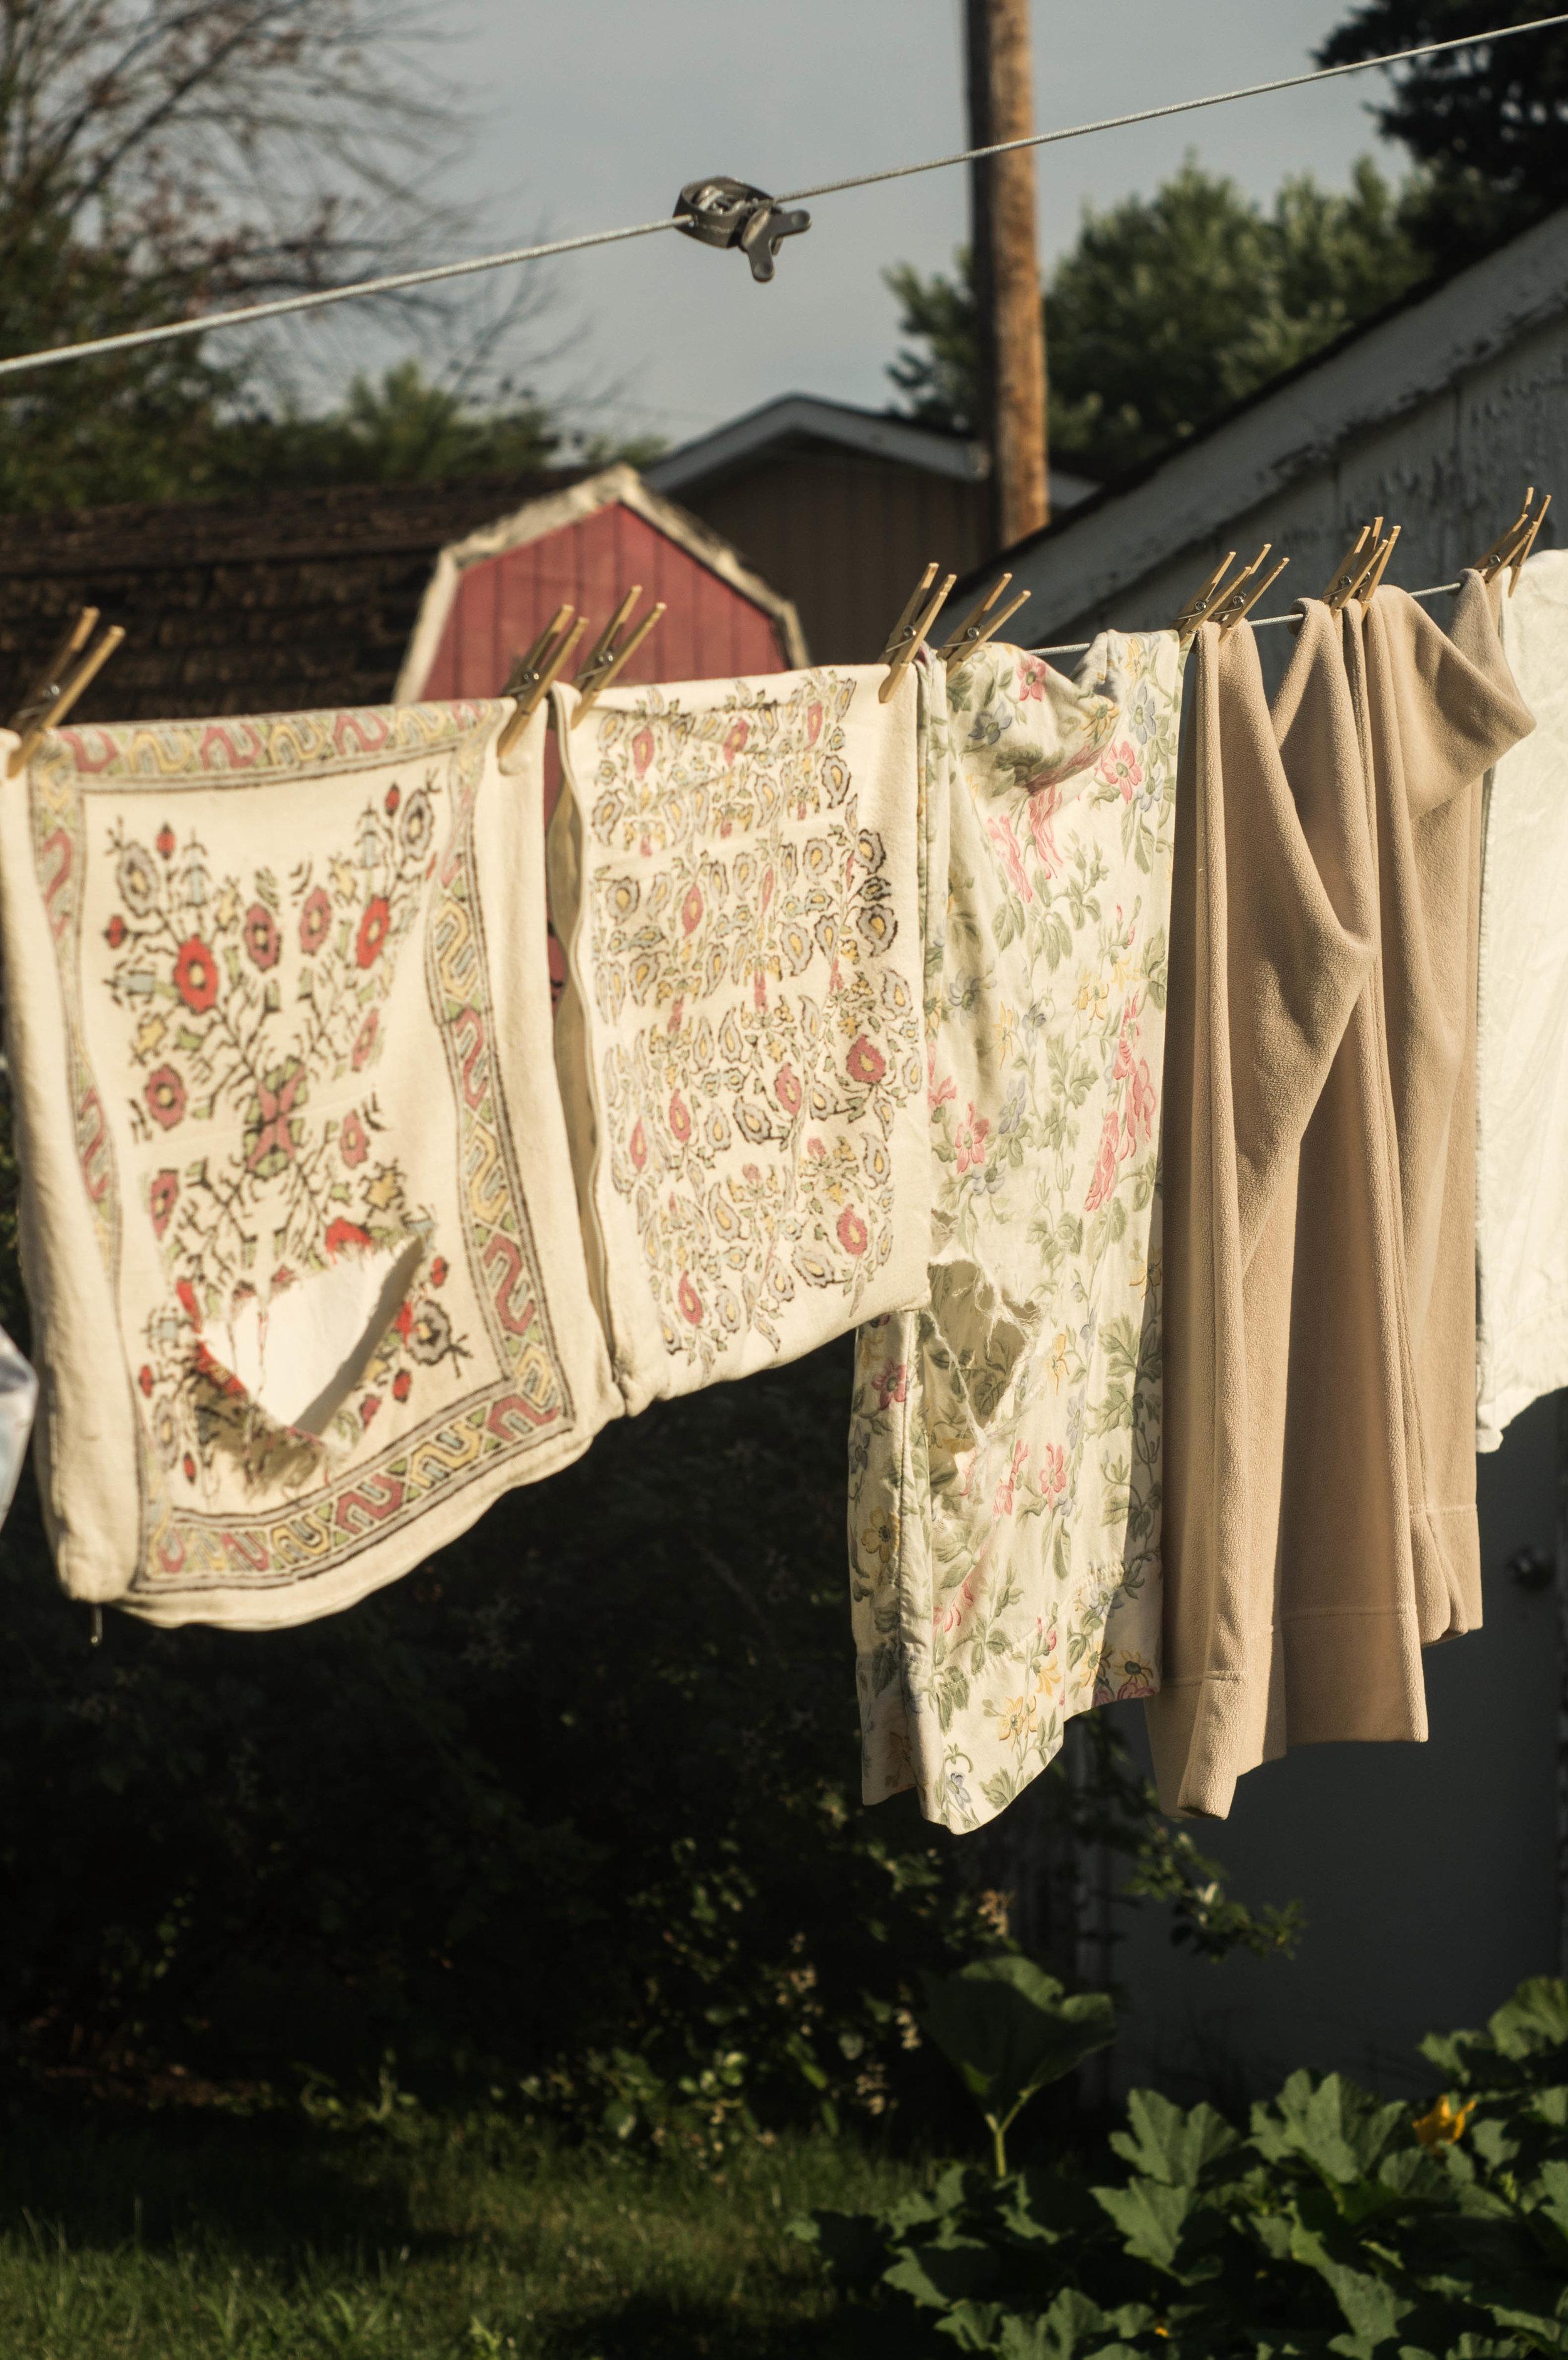 laundry line 2